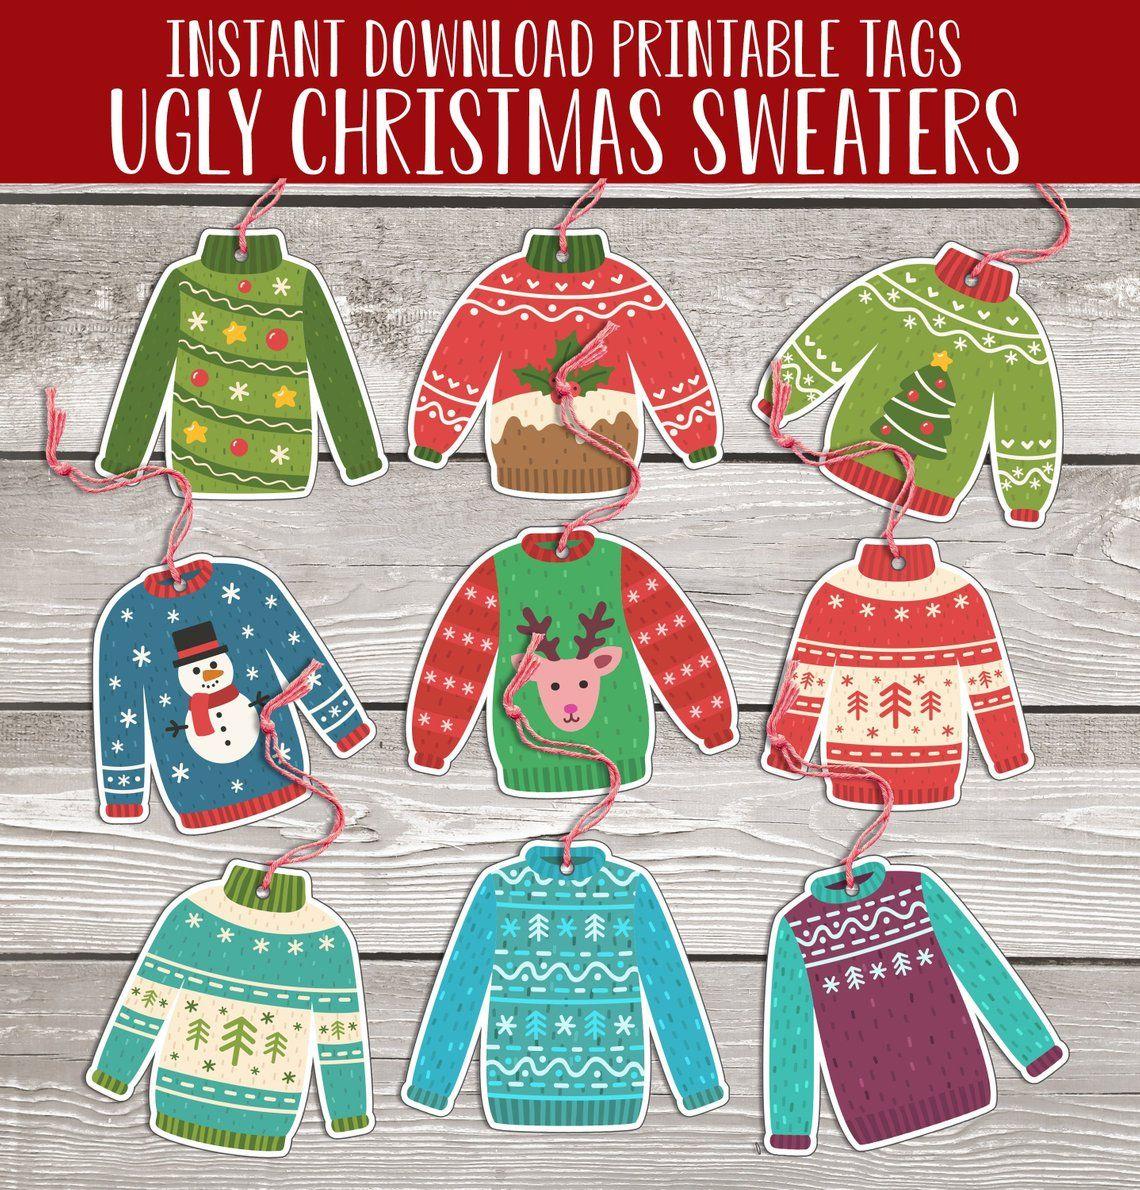 a15b20f24bec70 Printable Gift Tags--  christmas2018  uglychristmassweater  uglysweater   xmas2018  uglysweaterparty